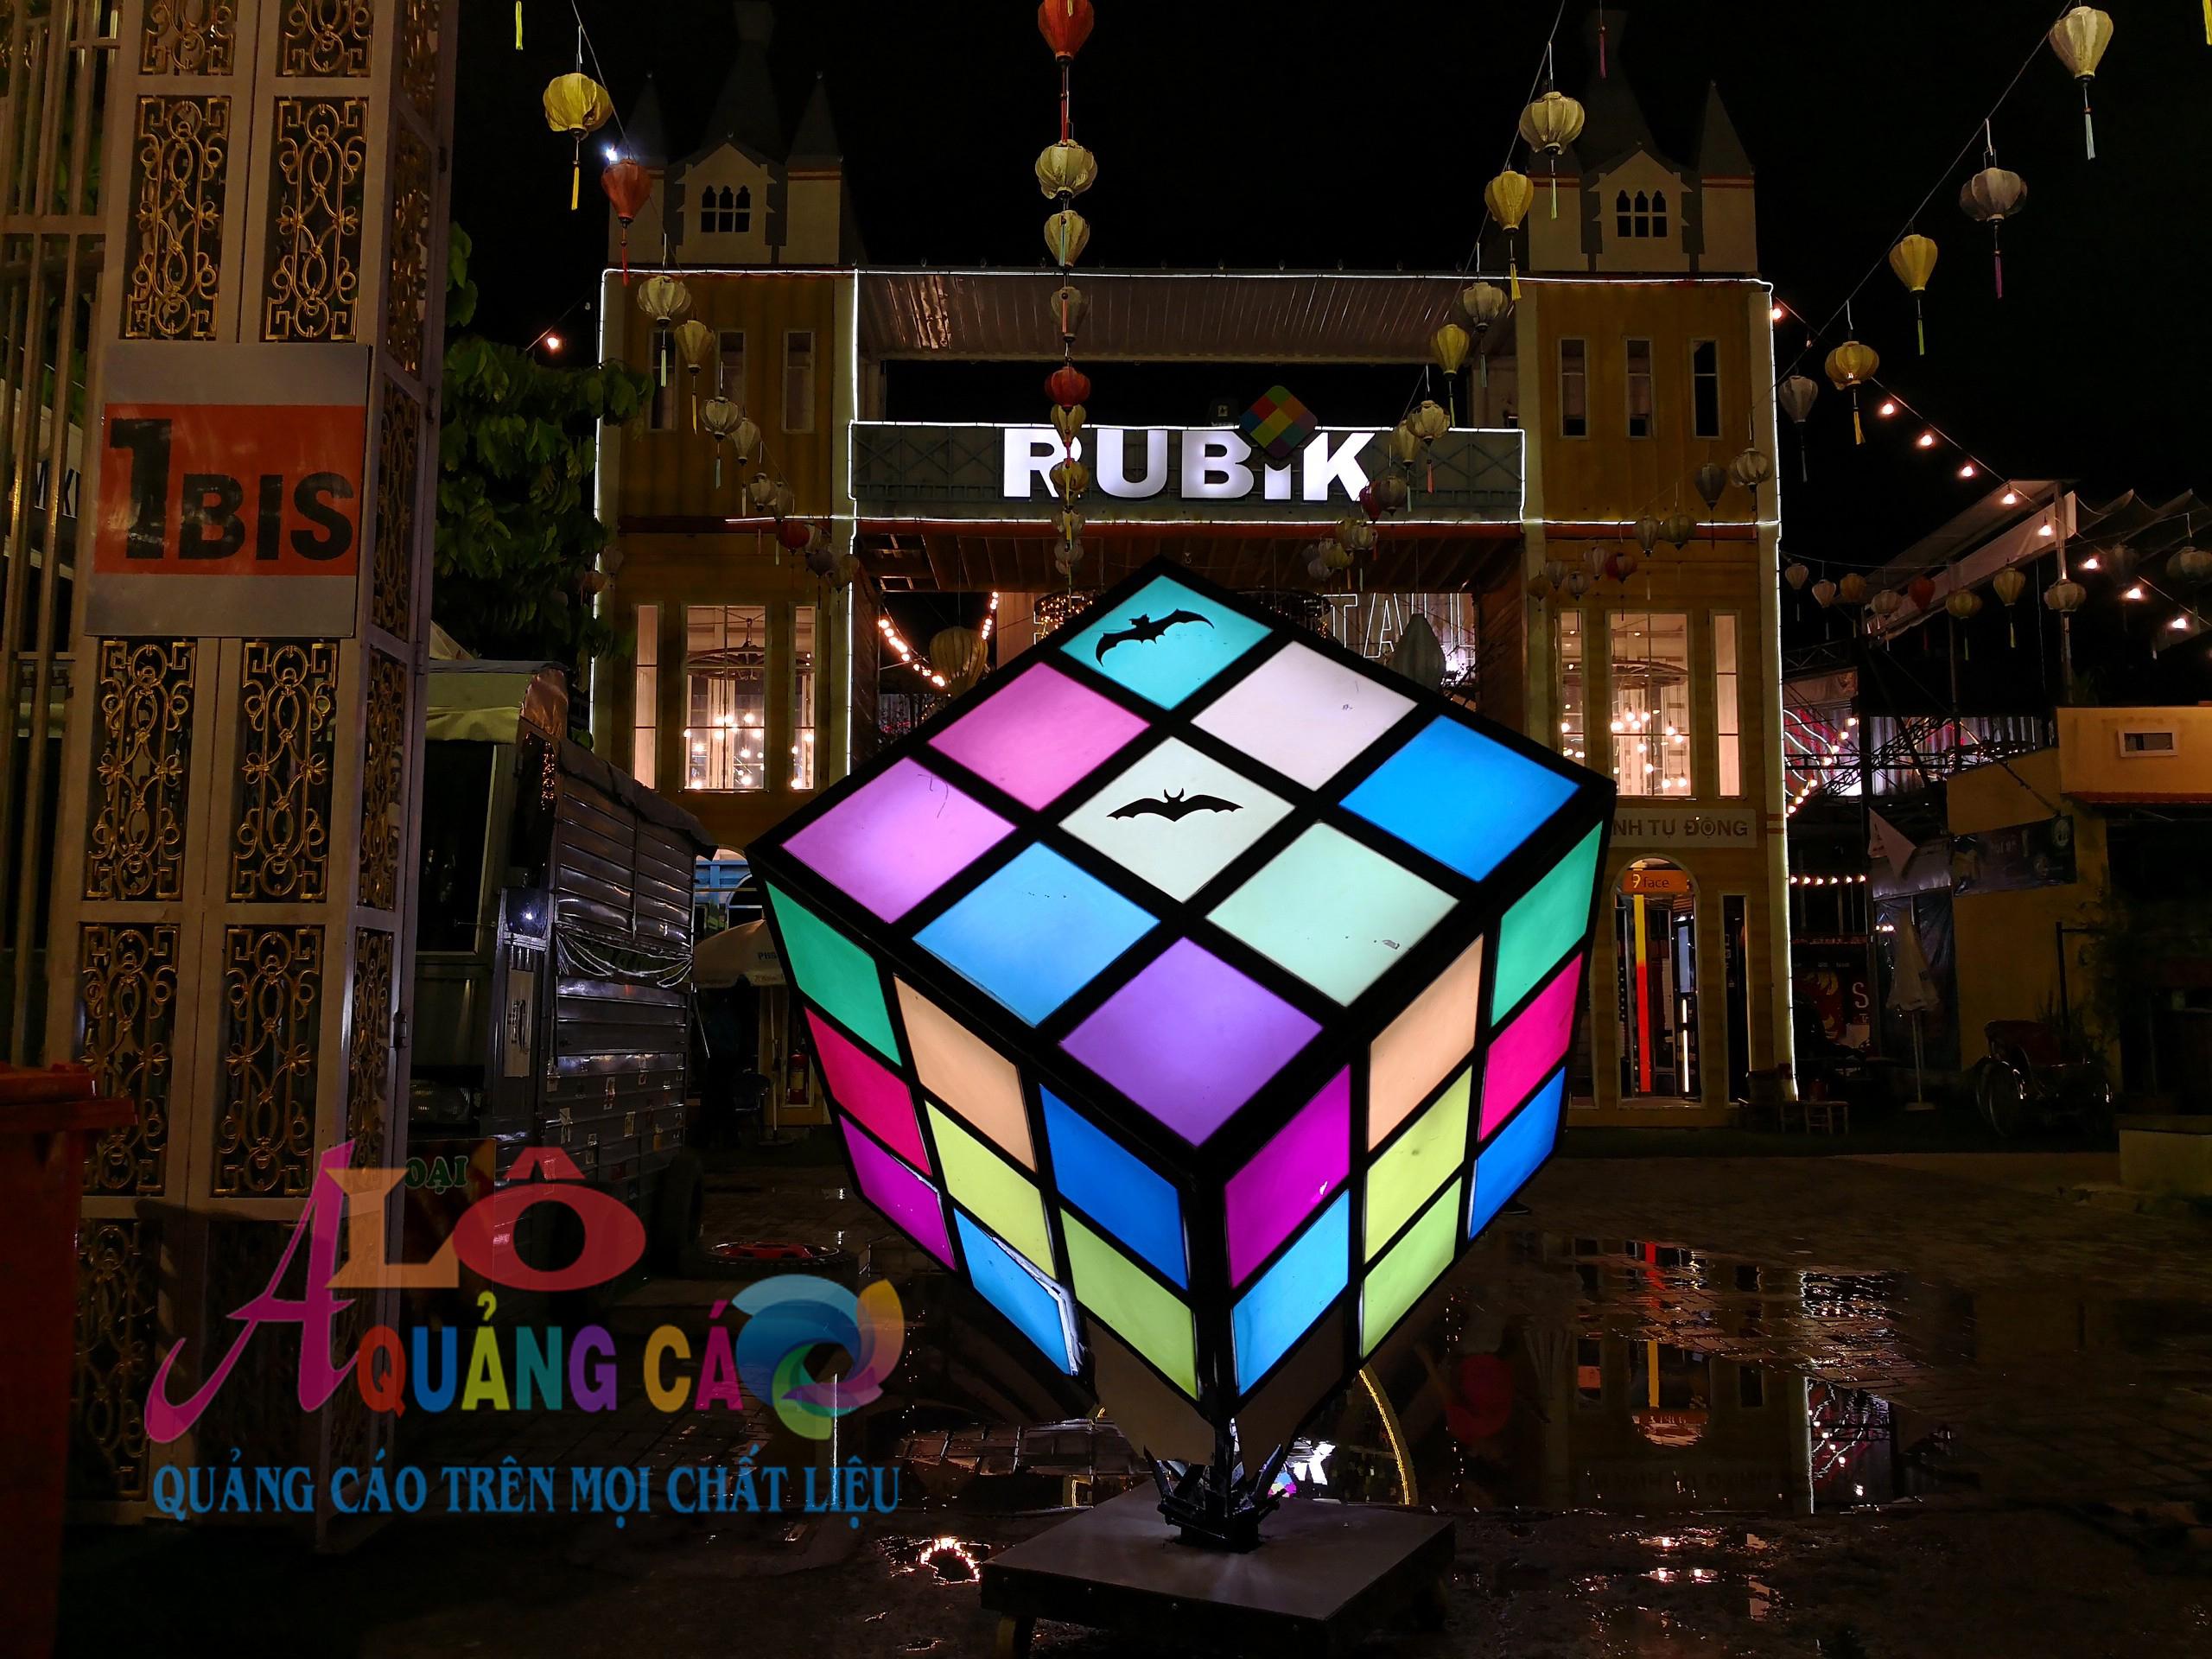 Thiết kế thi công mô hình trang trí tại nhà hàng Rubik